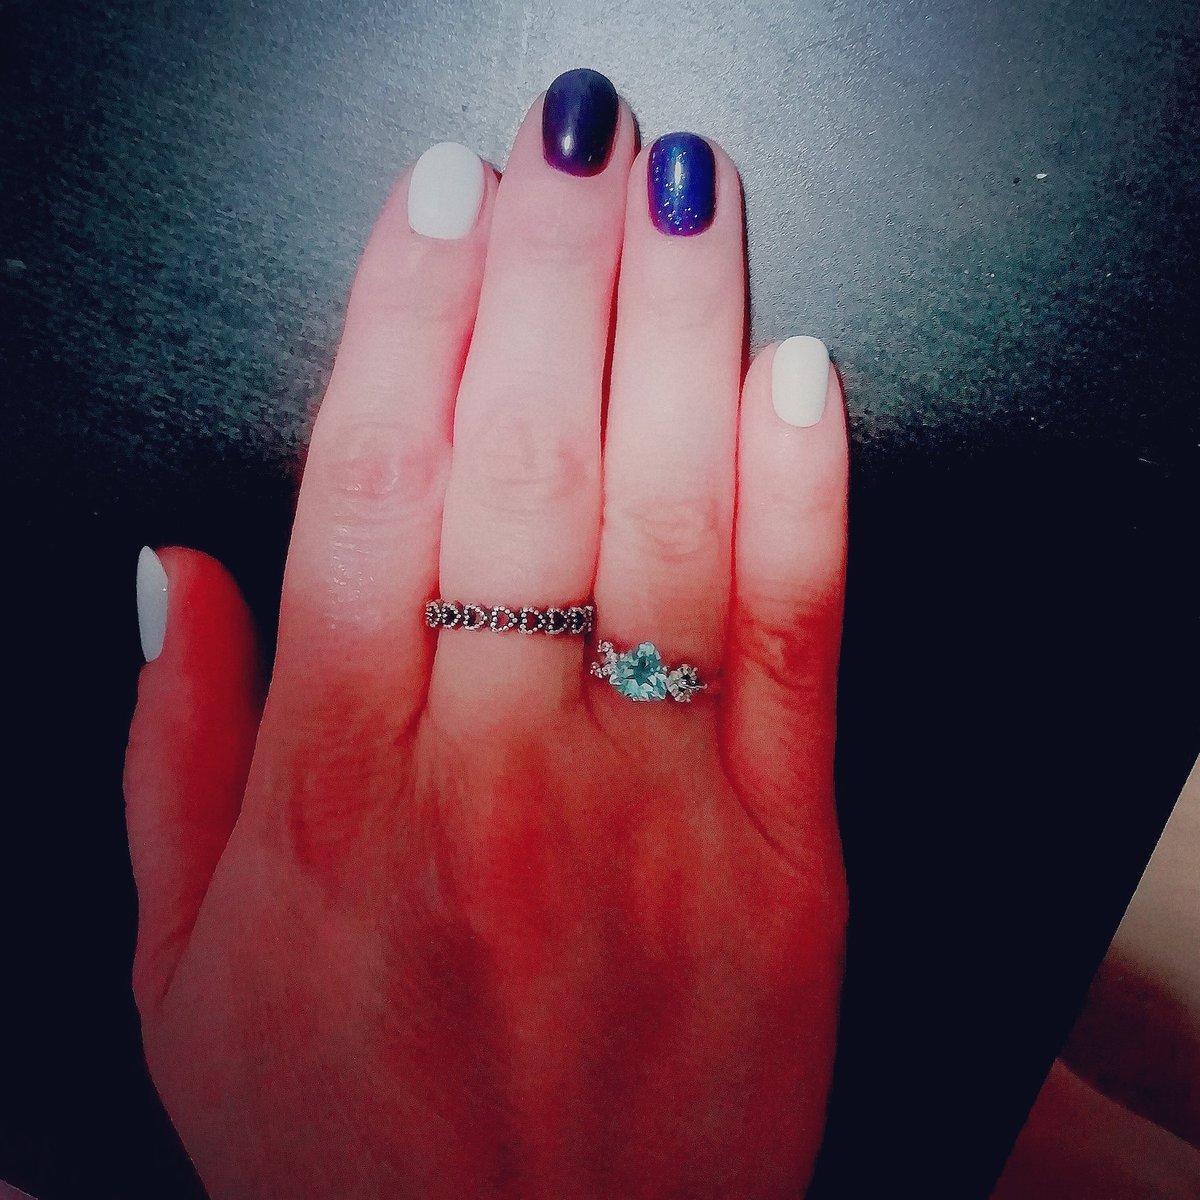 Кольцо очень красивое)